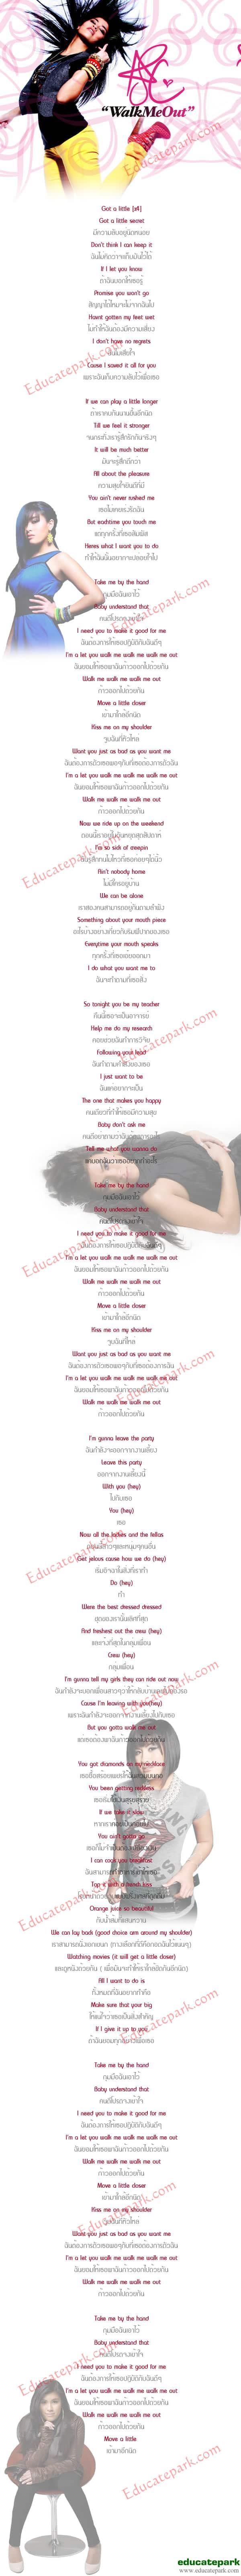 แปลเพลง Walk Me Out - Asia Cruz